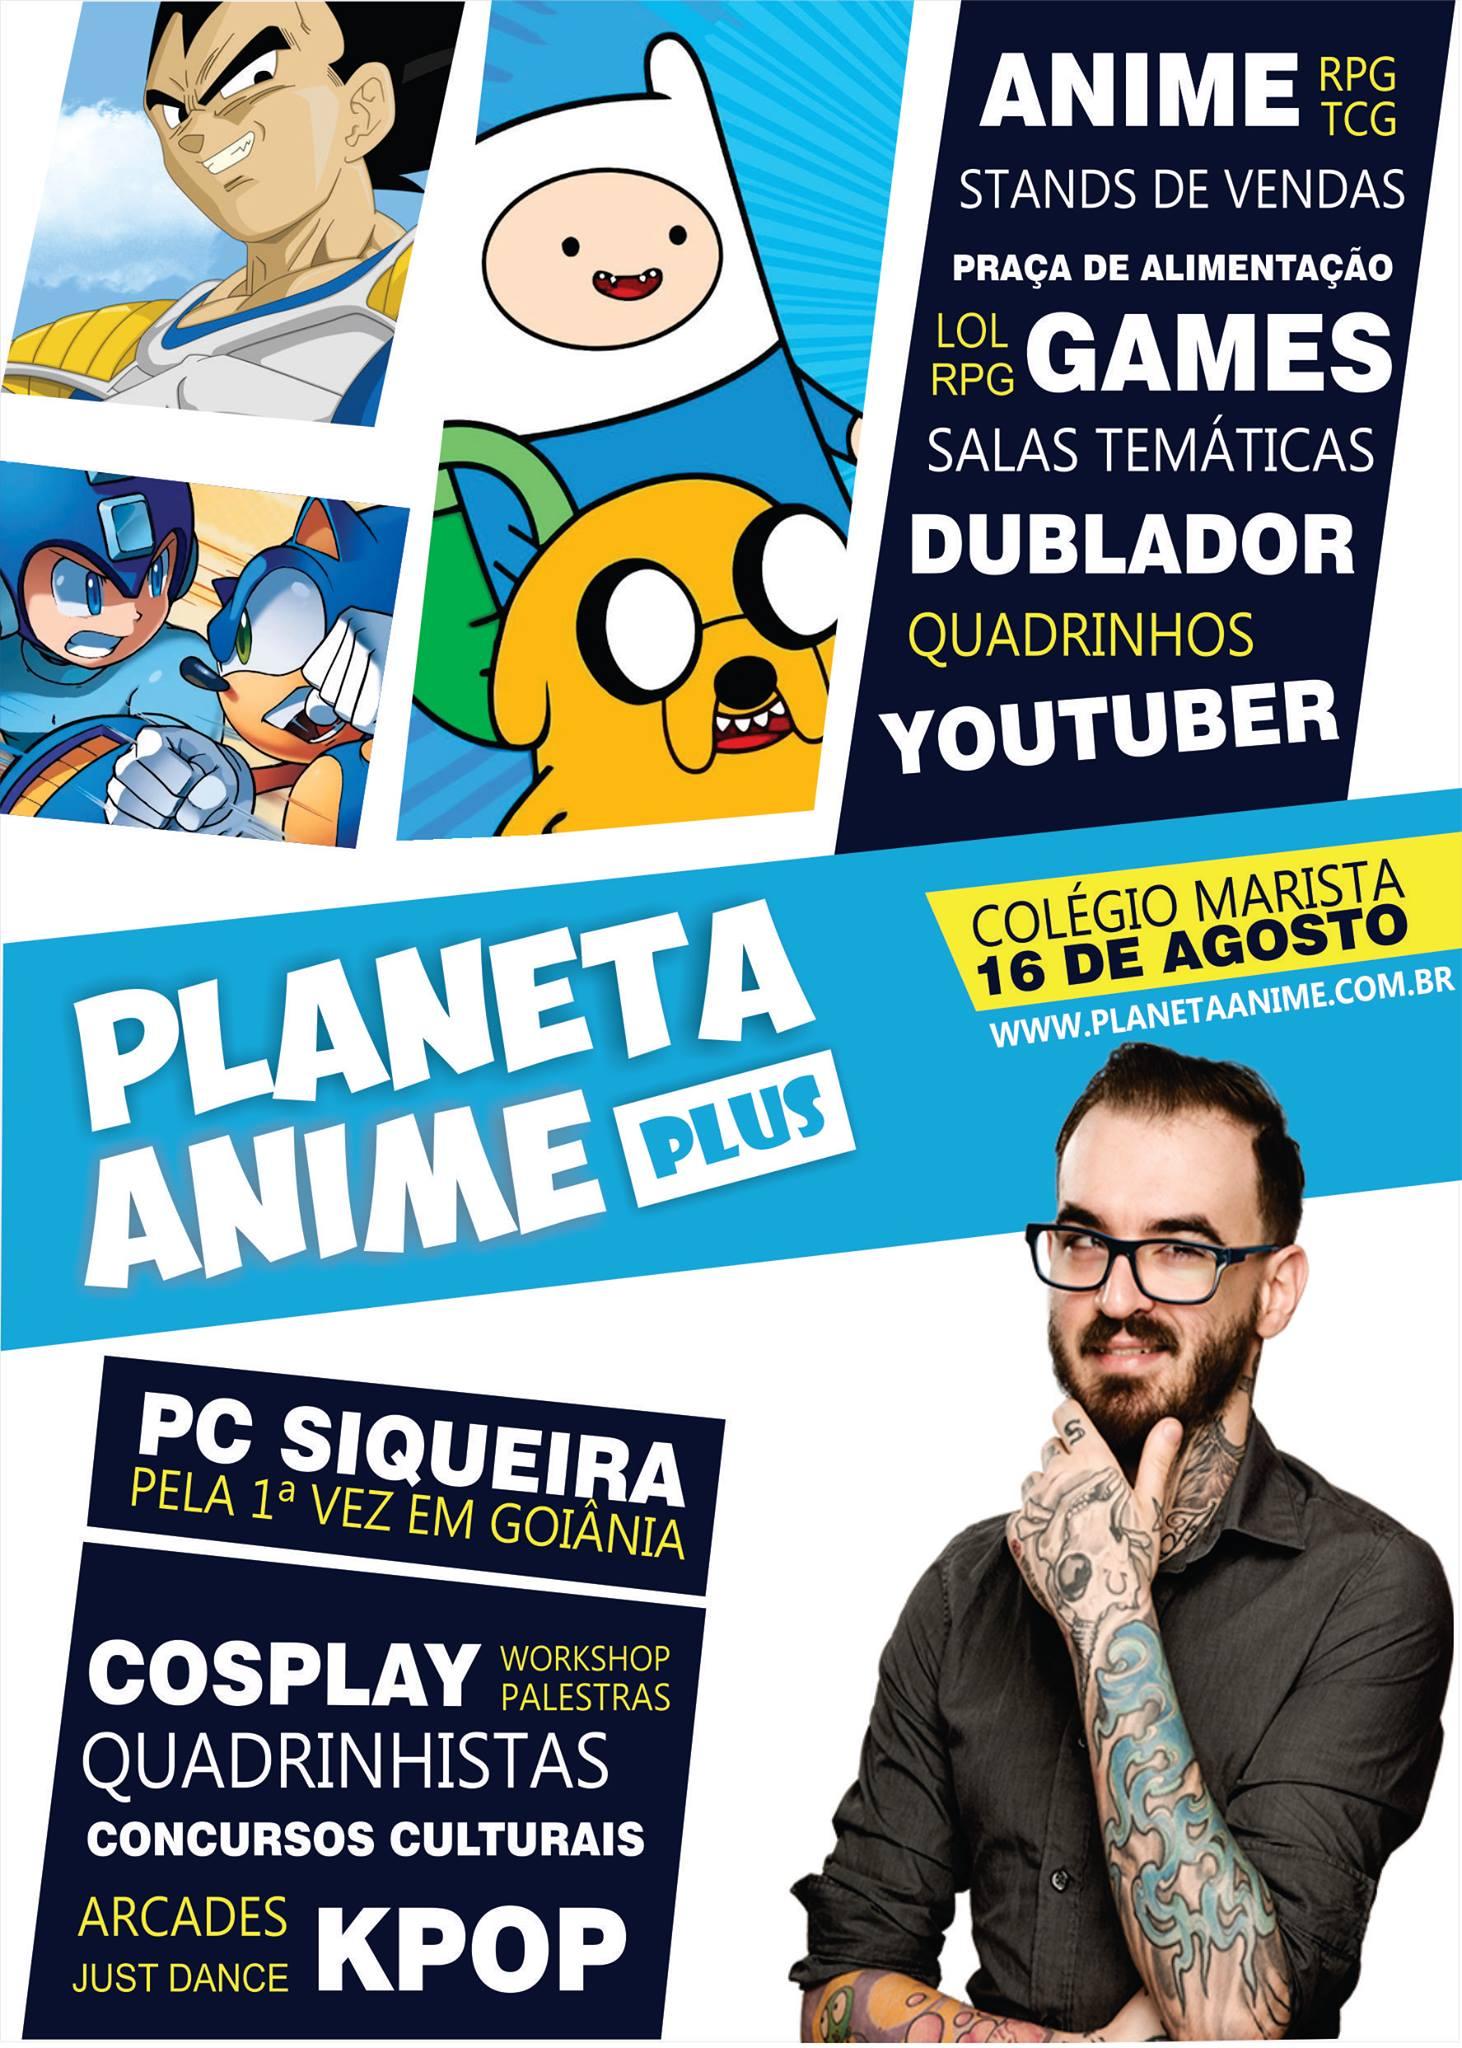 Planeta Anime Plus